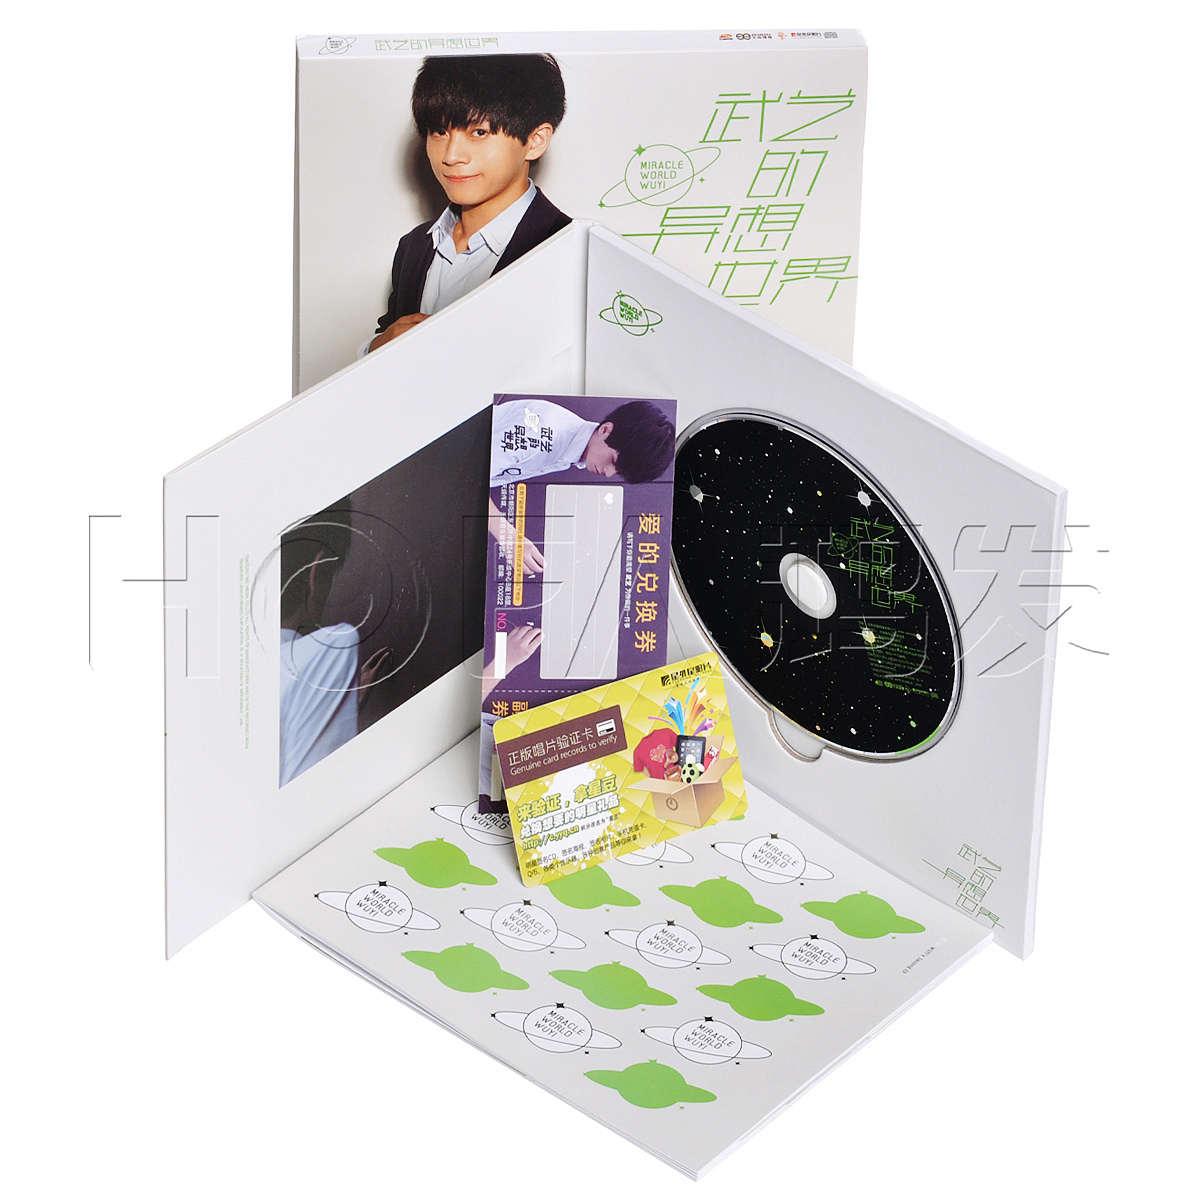 星外星正版/天娱传媒 2013专辑 武艺 EP:武艺的异想世界 CD 包邮